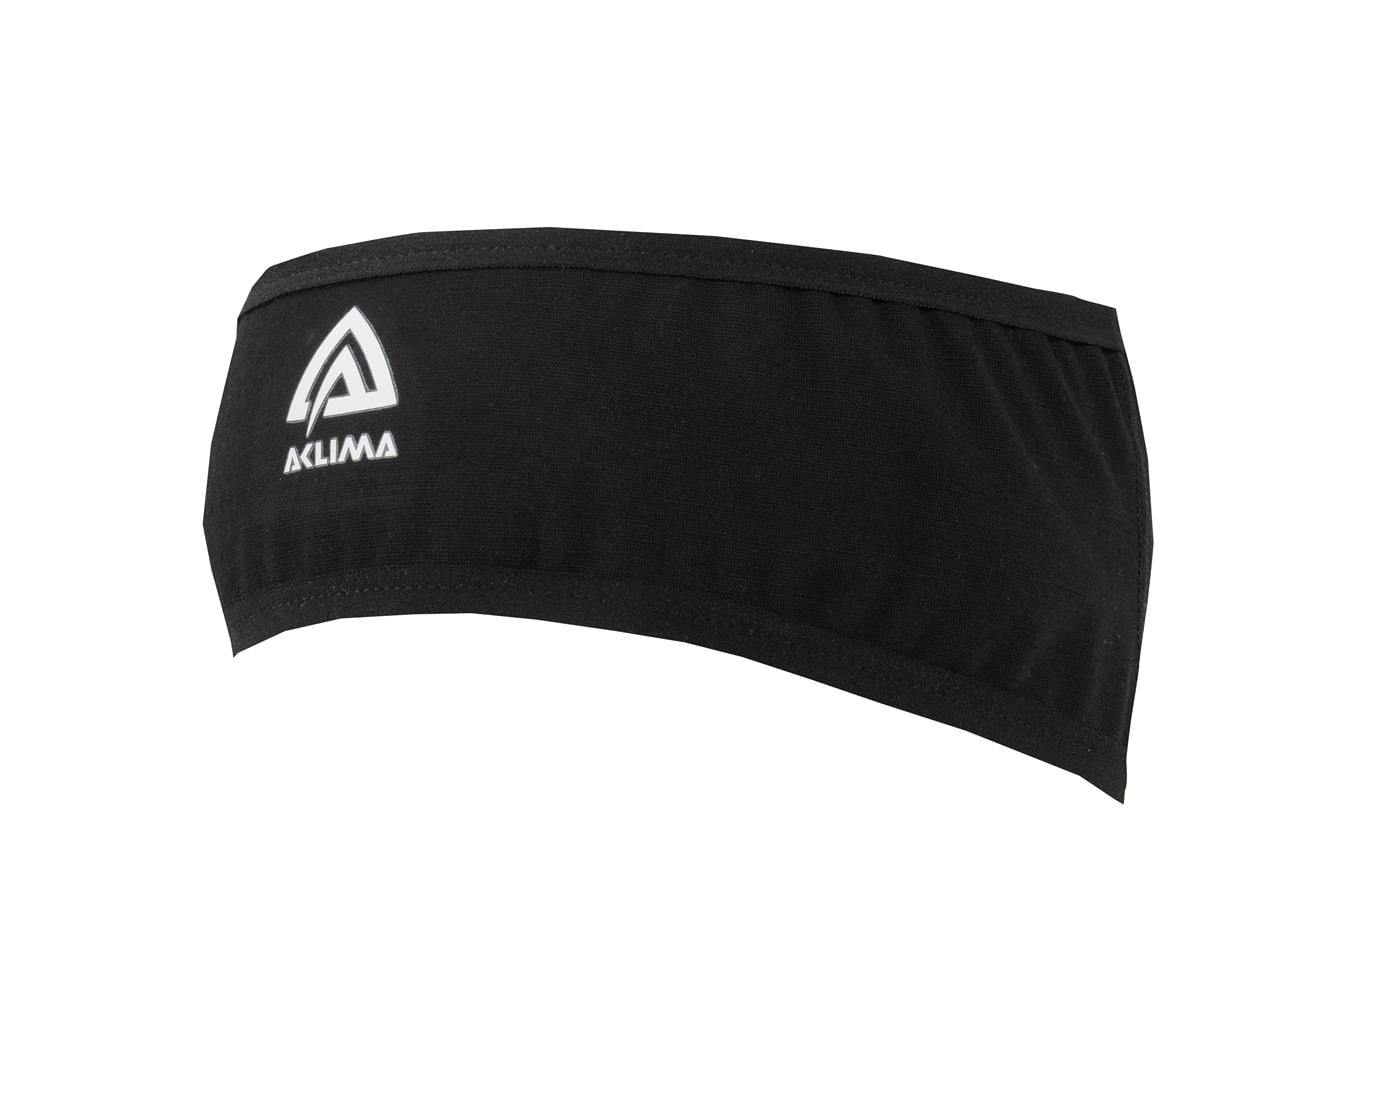 Aclima Reversible Headband